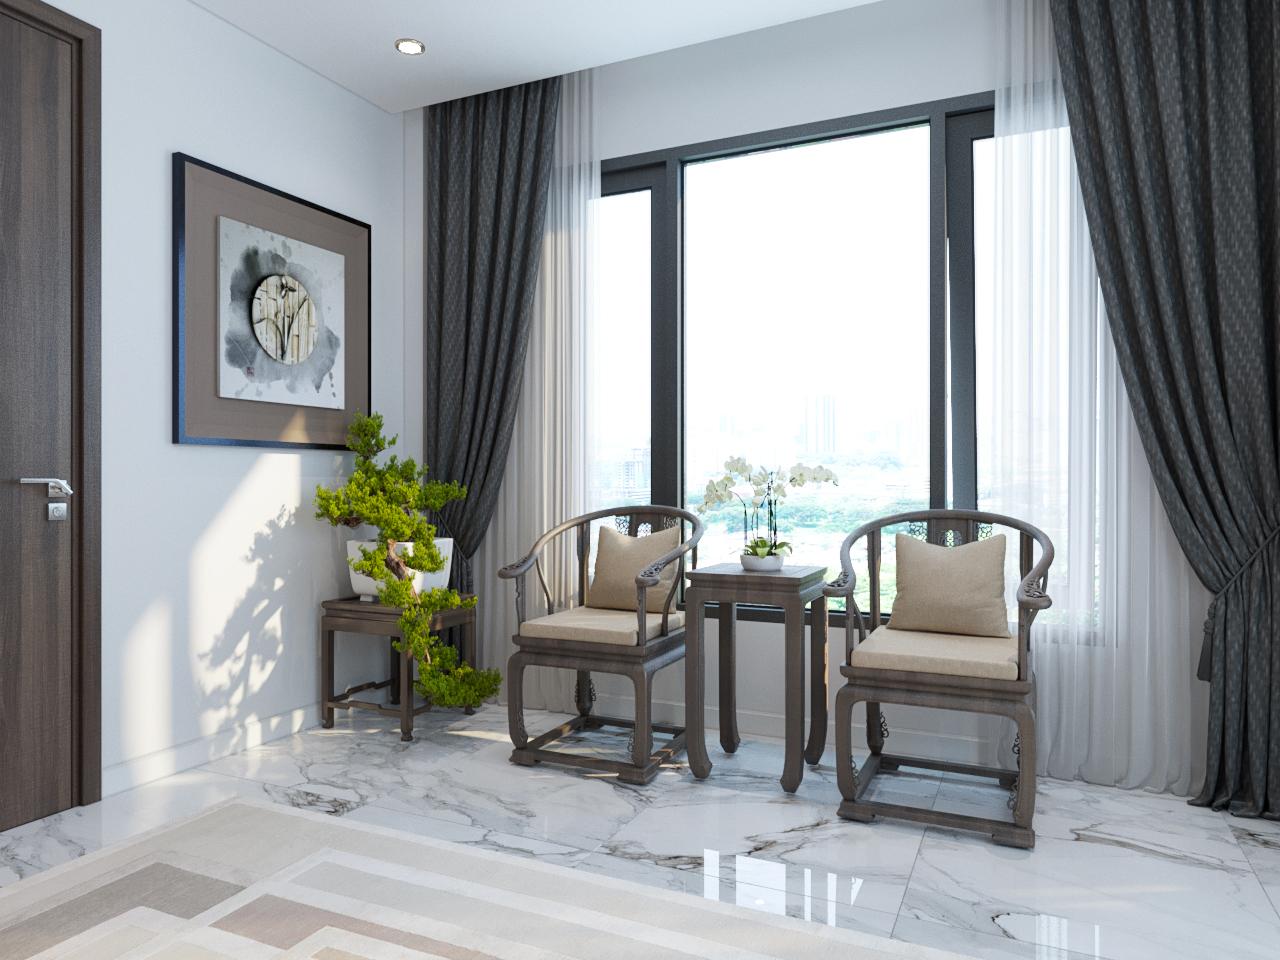 thiết kế nội thất Nhà Mặt Phố tại Hà Nội Nhà Phố - Văn Tiến Dũng 29 1562827649